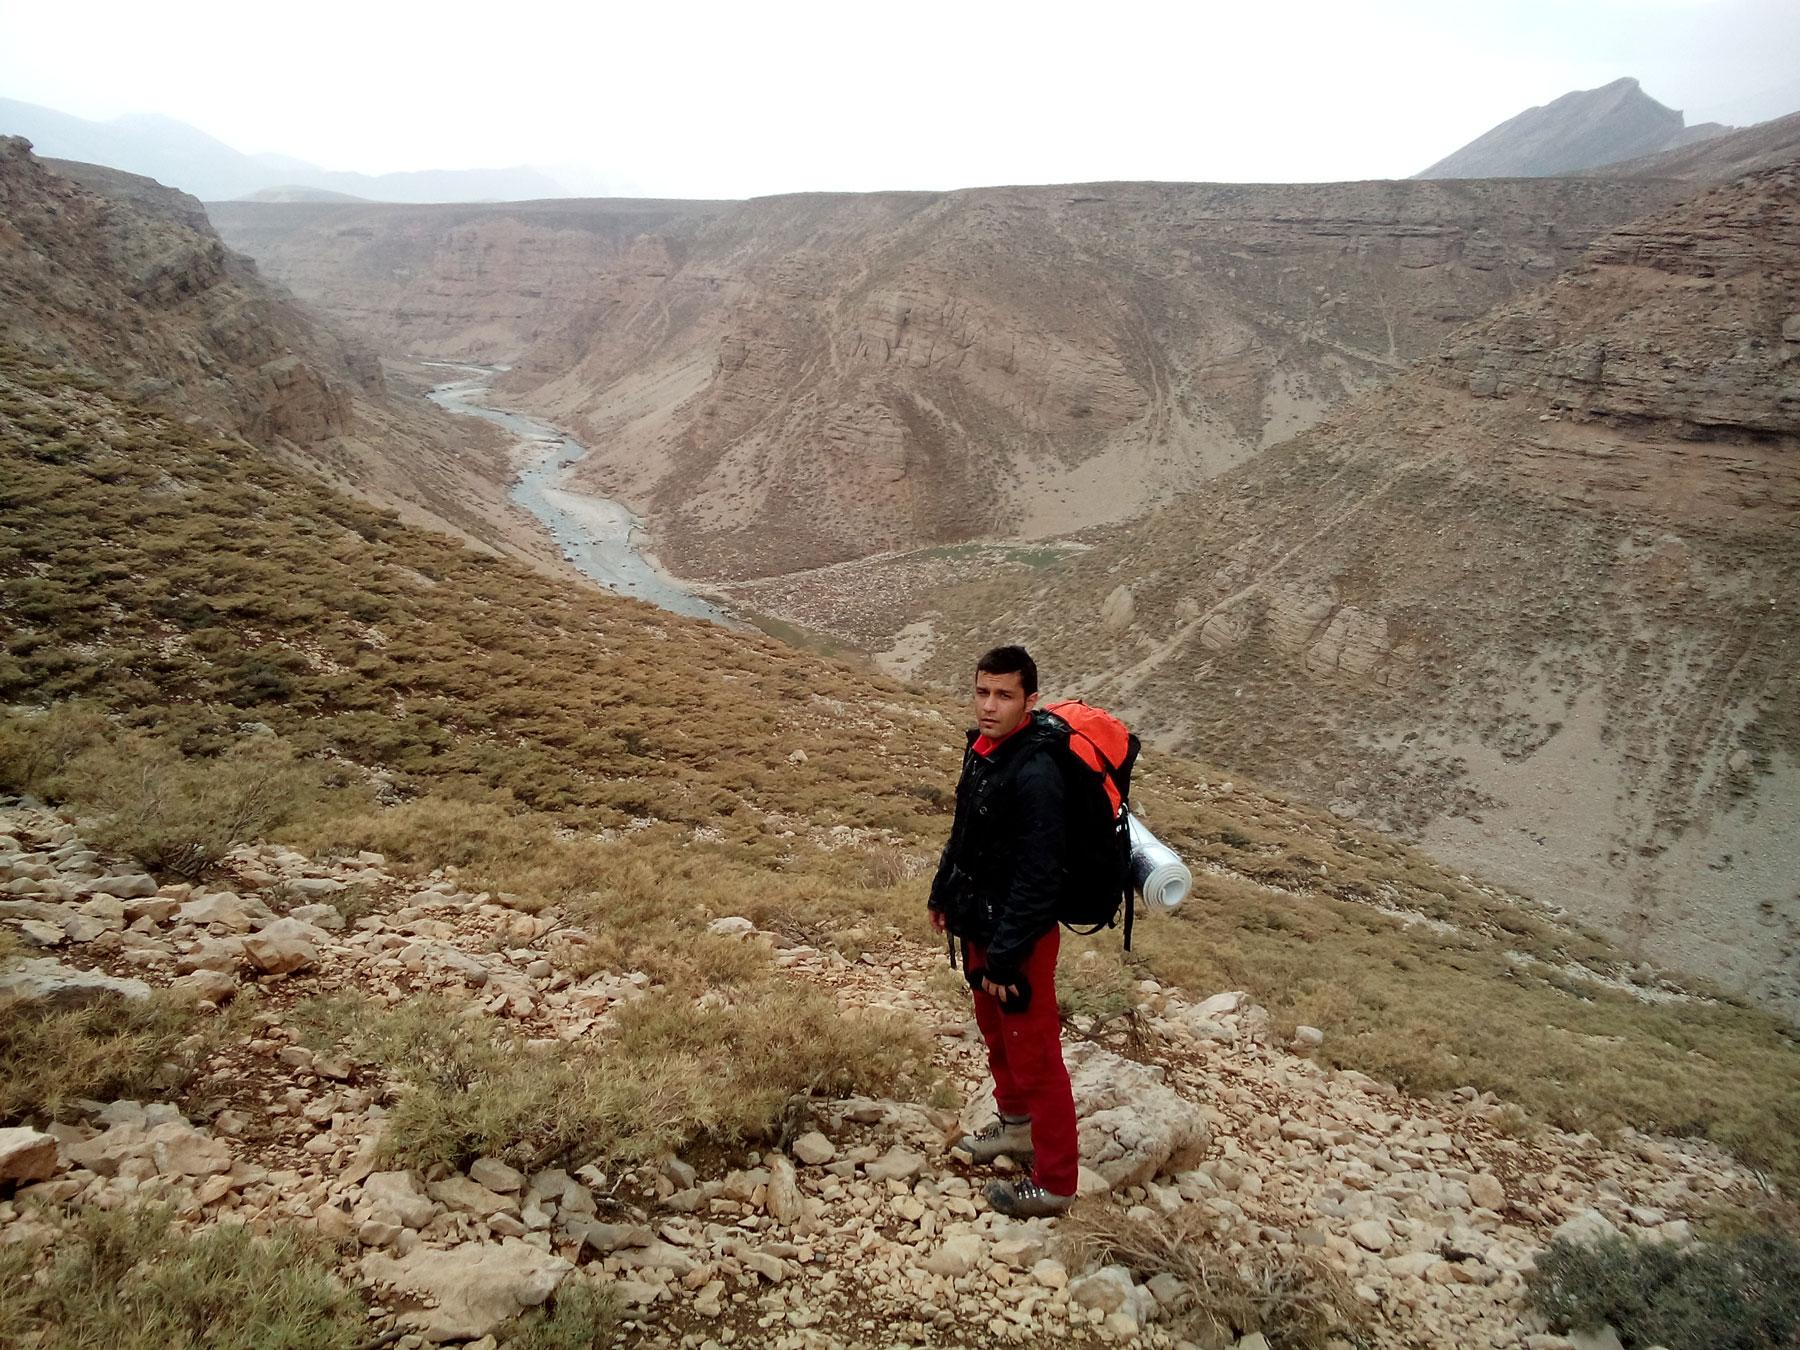 رودخانه و طبیعت بکر زردکوه